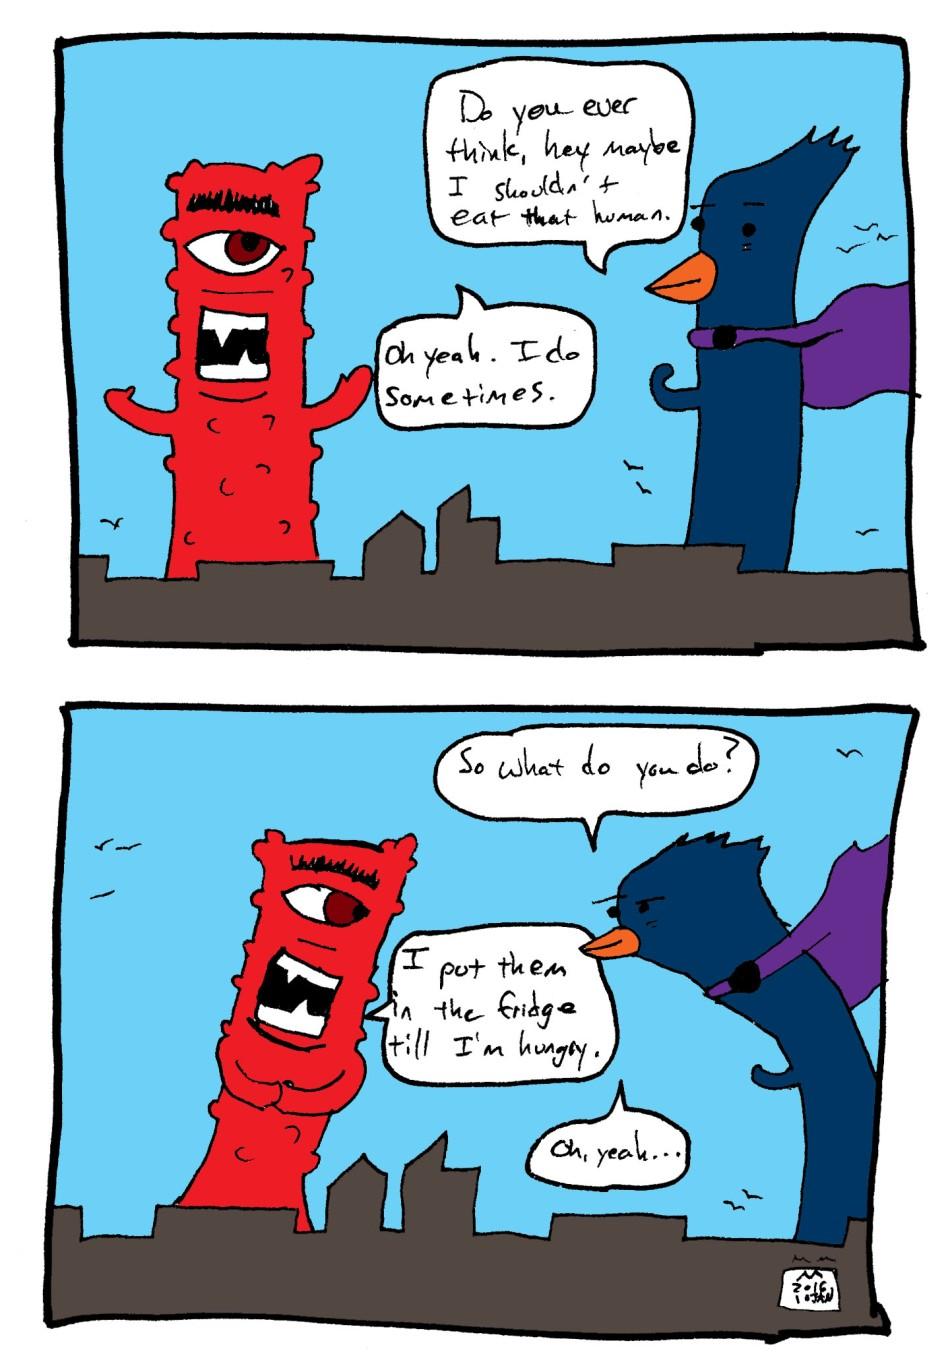 monster comic - fridge